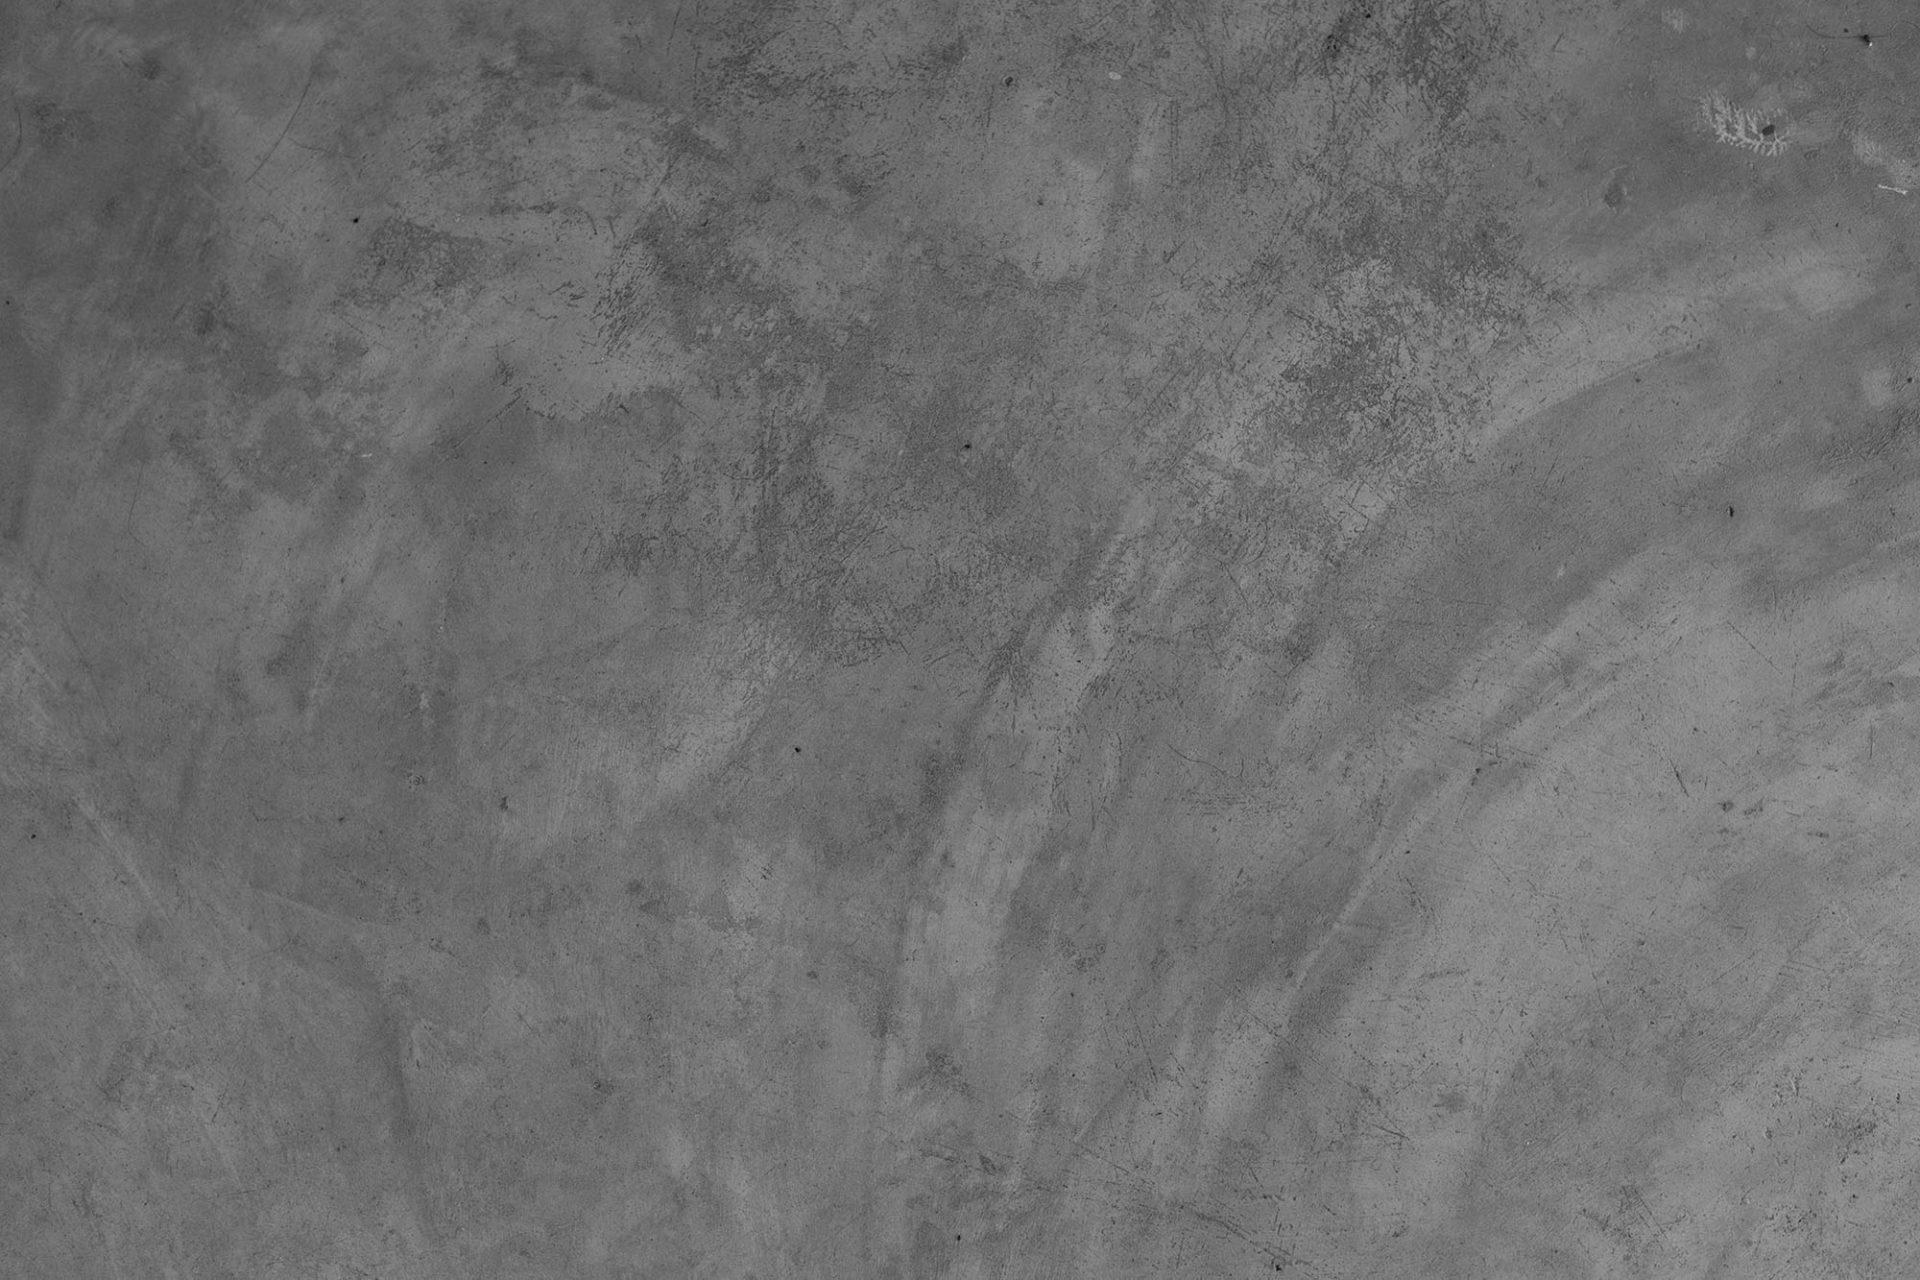 naturstein-arbeitsplatte-kueche-hochwertige-guenstig-steinarbeitsplatte